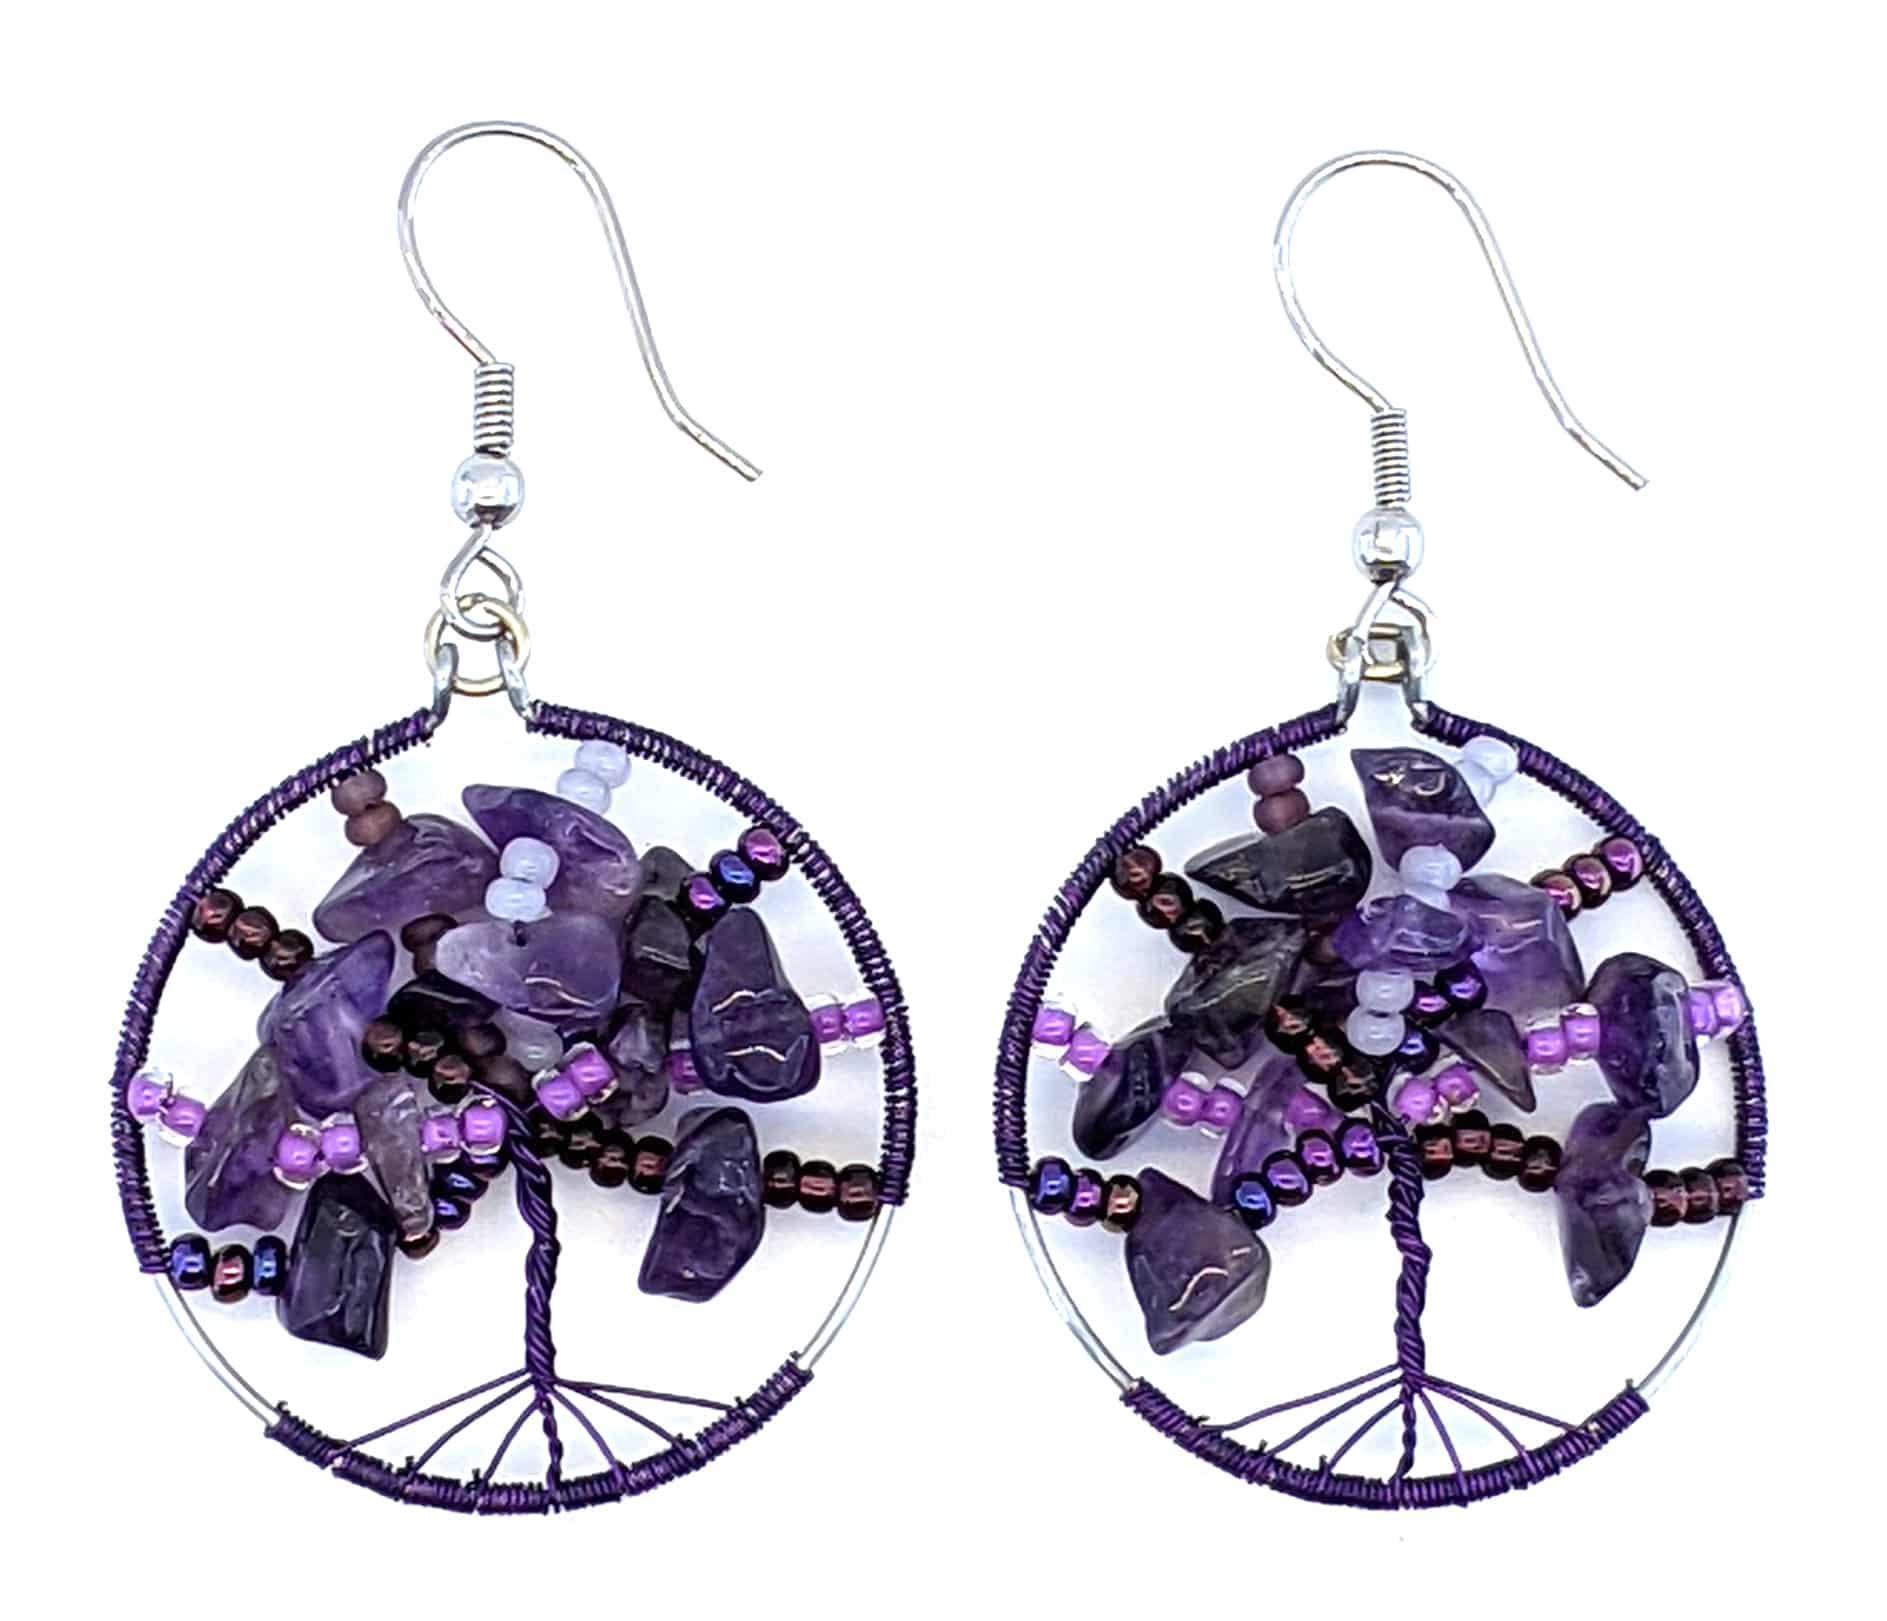 Tree of Life Beaded Earrings - Purples